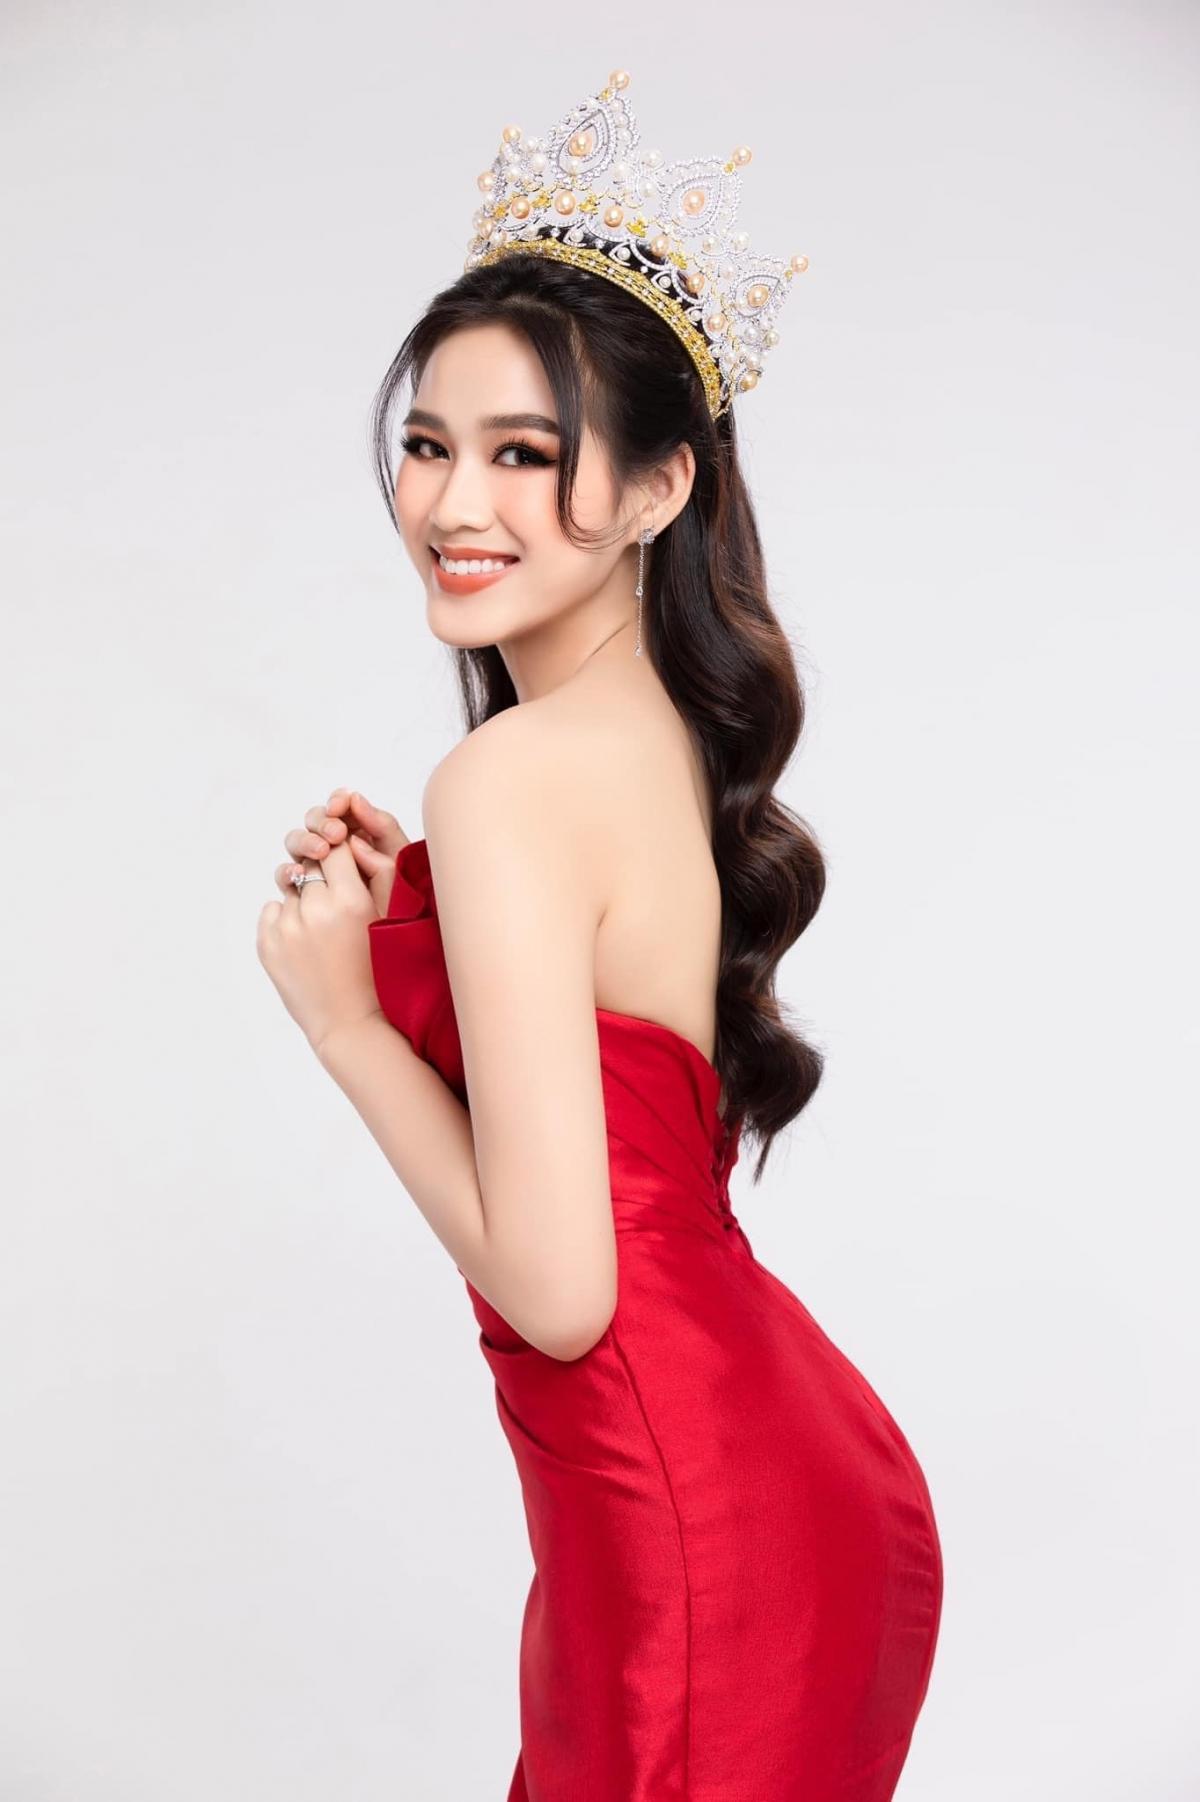 Hoa hậu Đỗ Thị Hà khoe vóc dáng chuẩn đồng hồ cát trong bộ ảnh mới